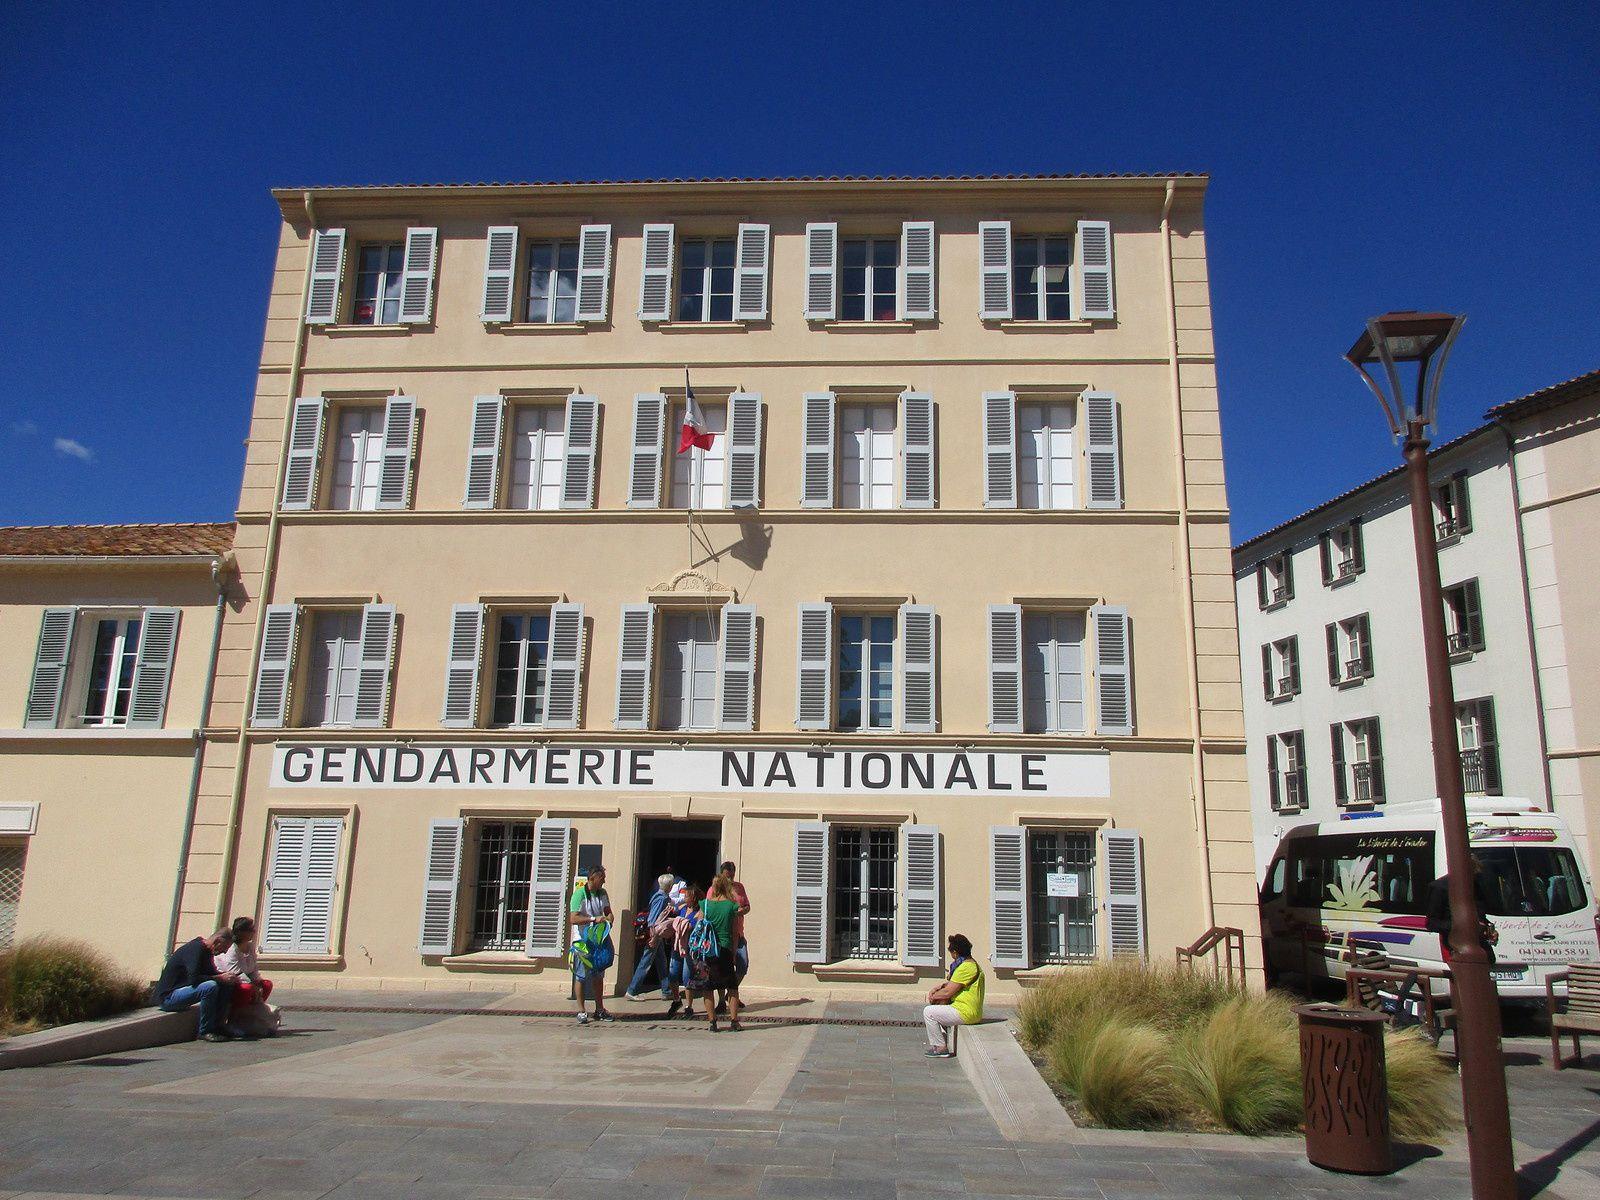 La célèbre gendarmerie, les panneaux affiches et banderoles annonçant la collecte, une photo sur la ville et la baie vues de la citadelle et des cartes postales.